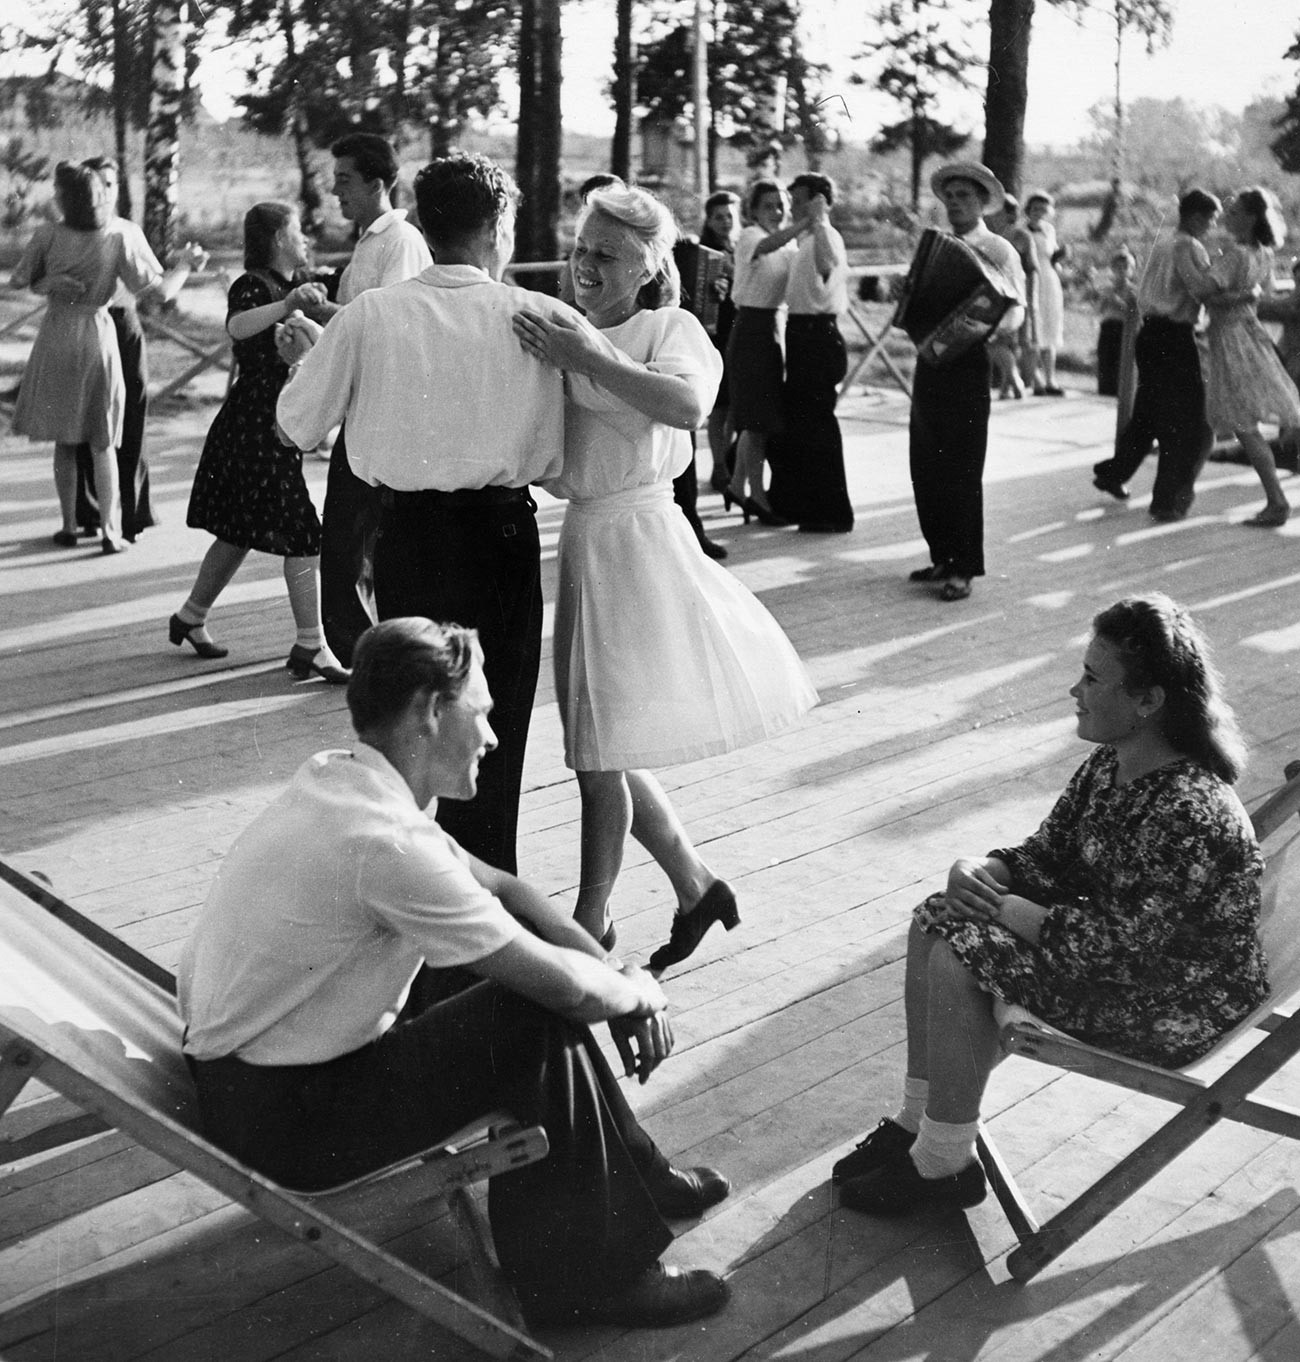 Советска бања, павилјон за танцување во одморалиште за работници од текстилната индустрија на градот Иваново, септември 1949 година.